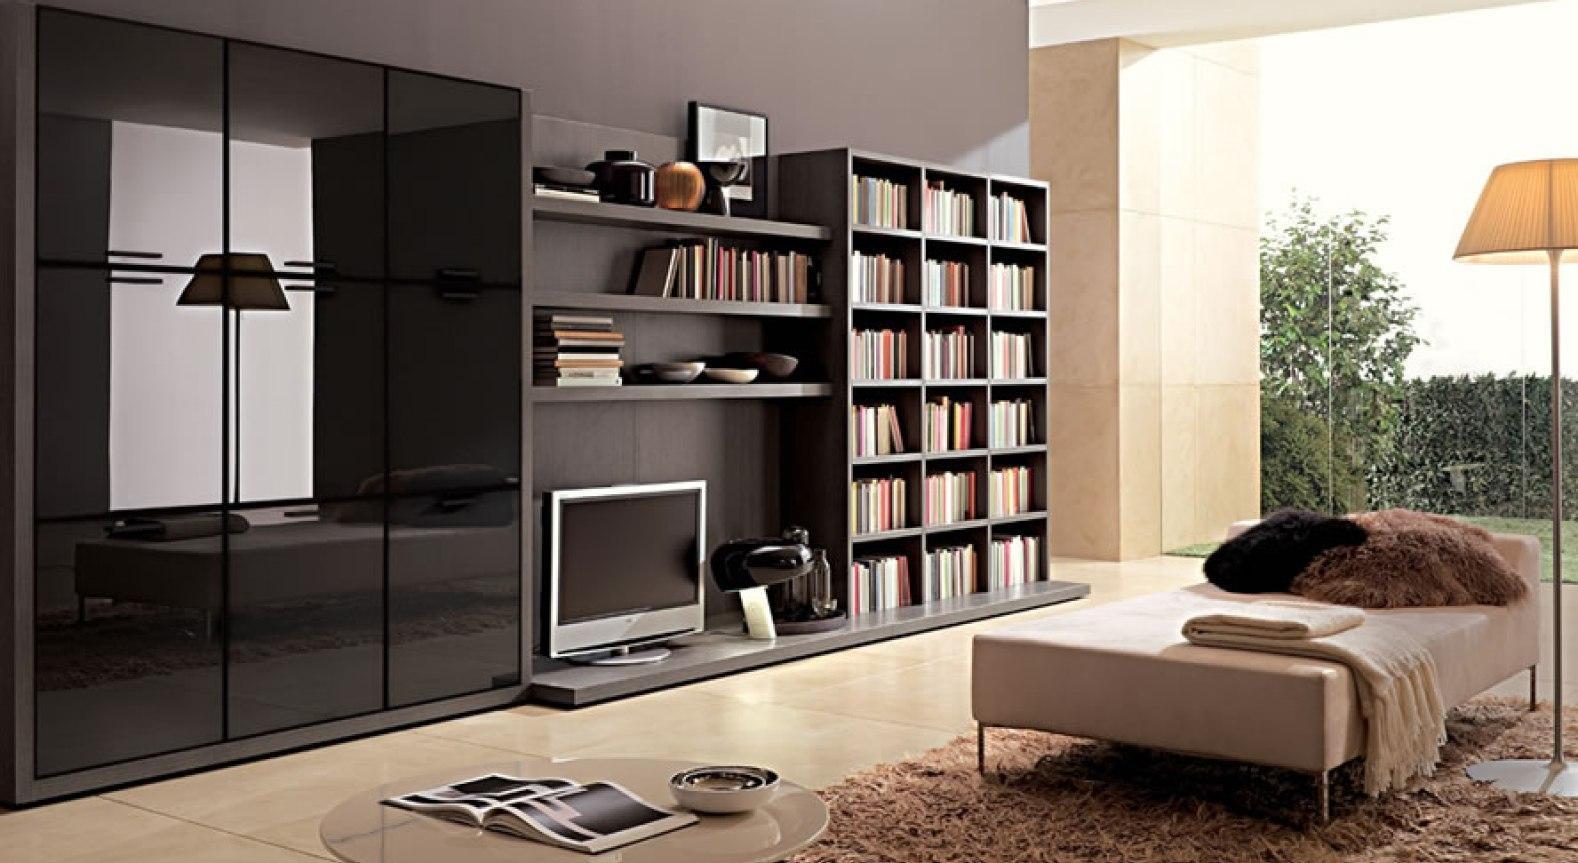 Sofa : High Back Sofas Living Room Furniture Gen4Congresscom E For Mod Sofas (Image 15 of 20)